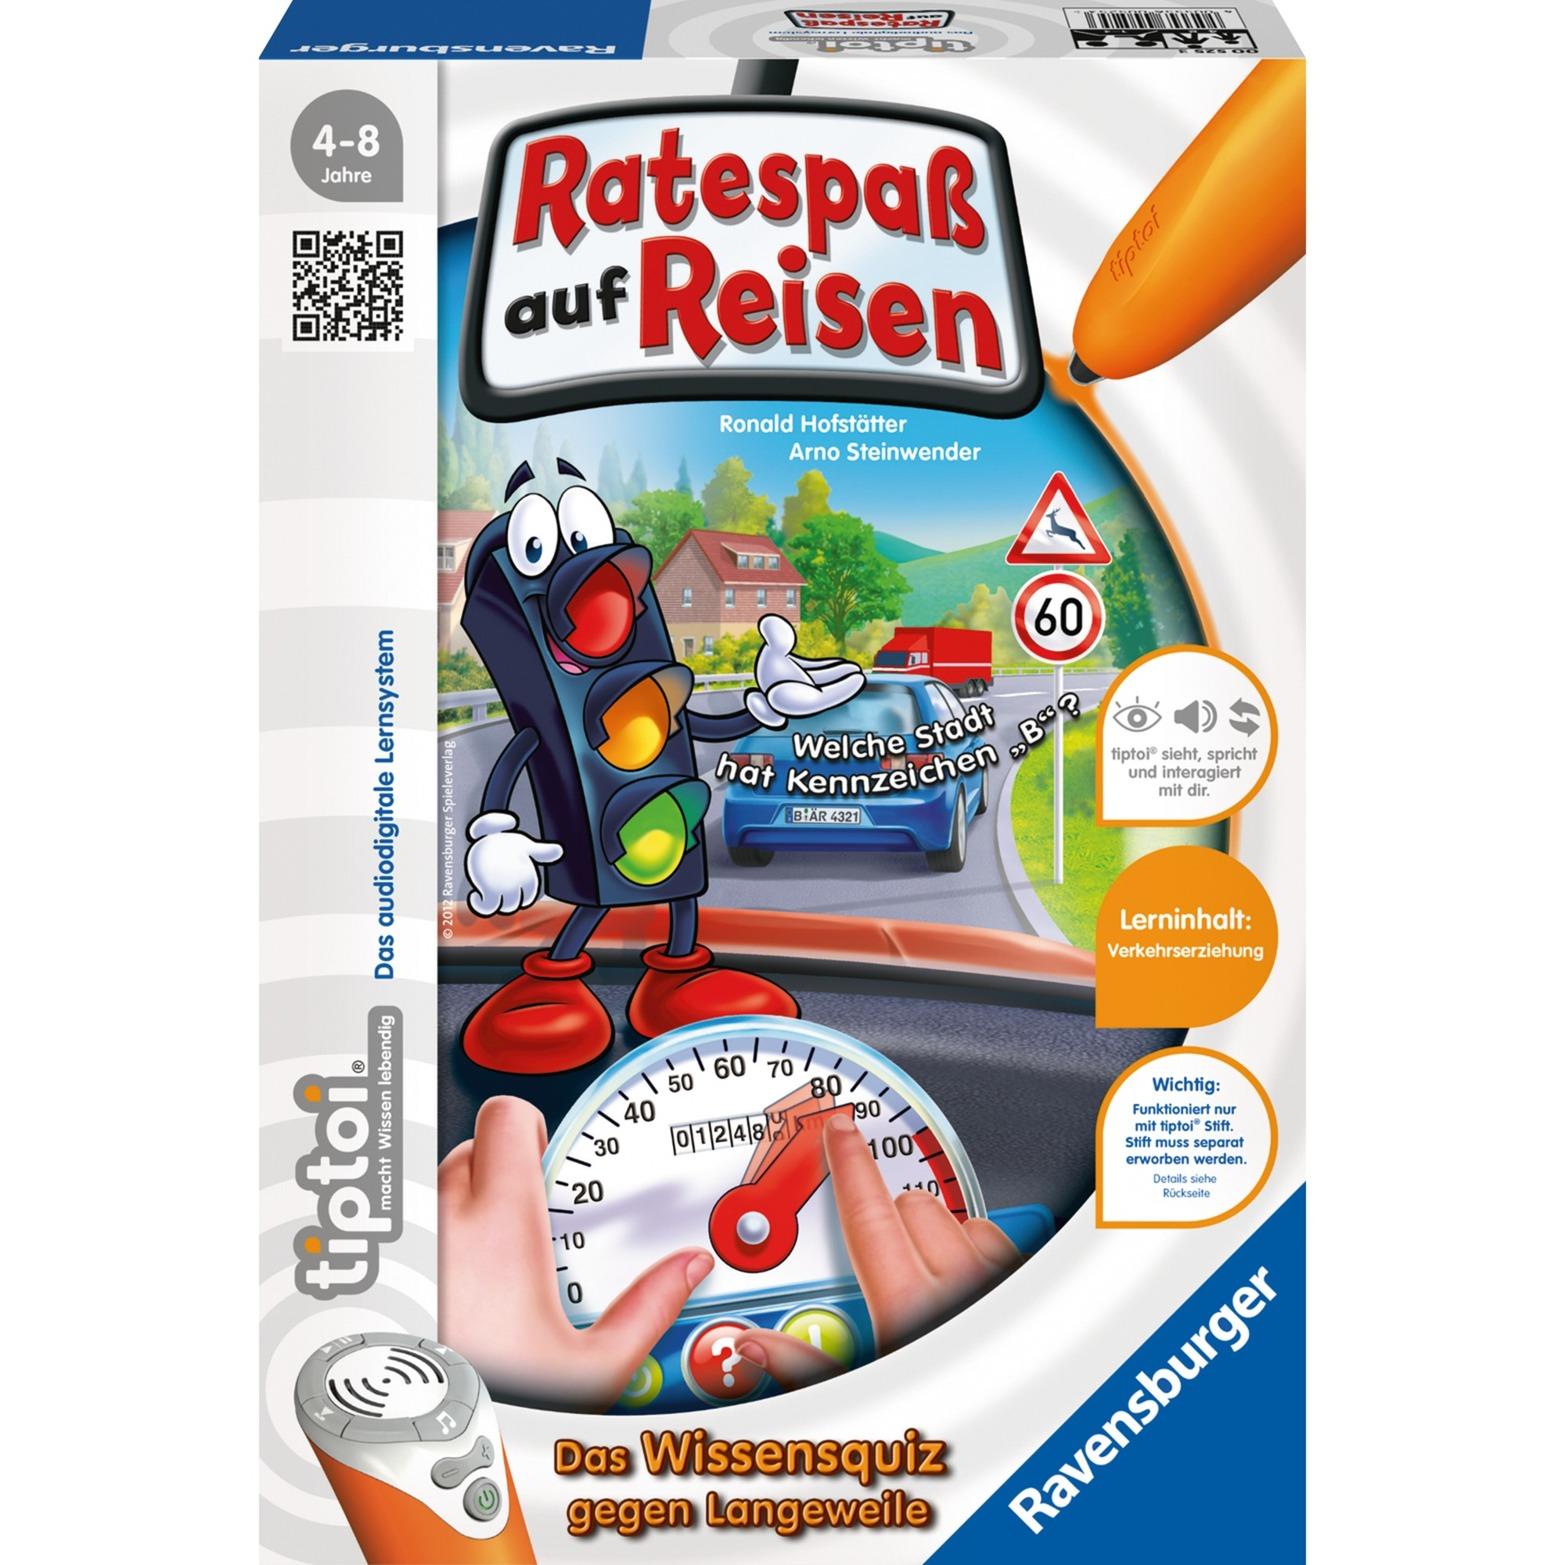 tiptoi-ratespass-auf-reisen-quizspiel